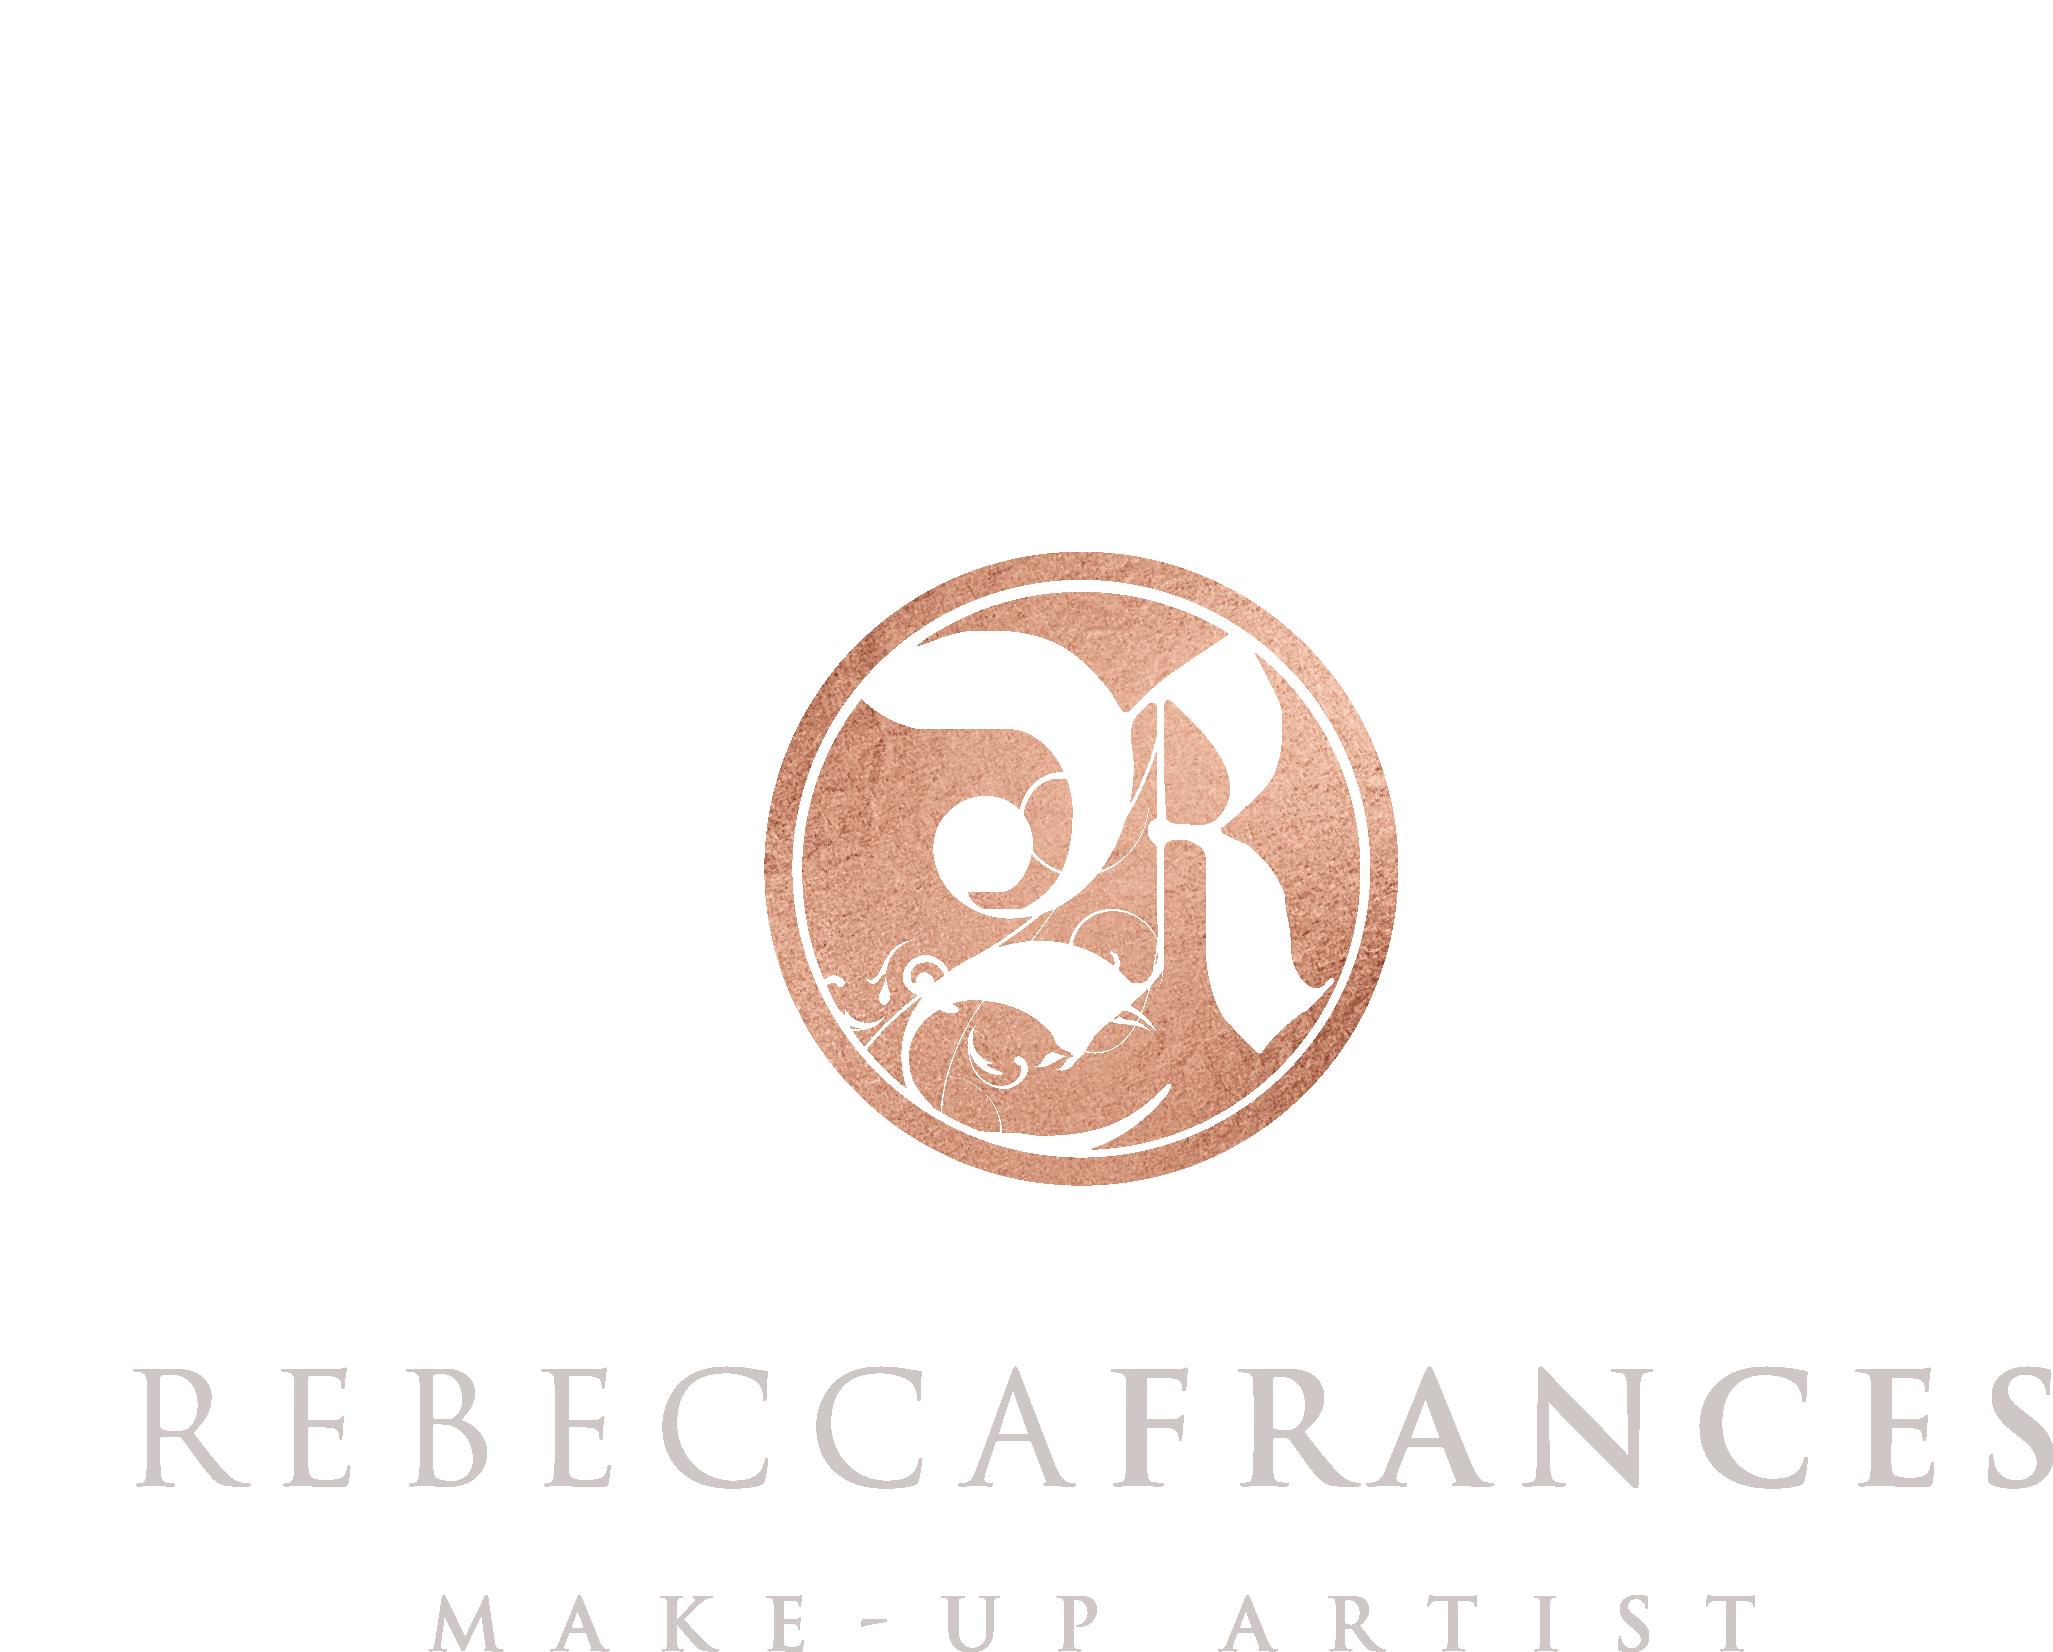 Rebecca Frances